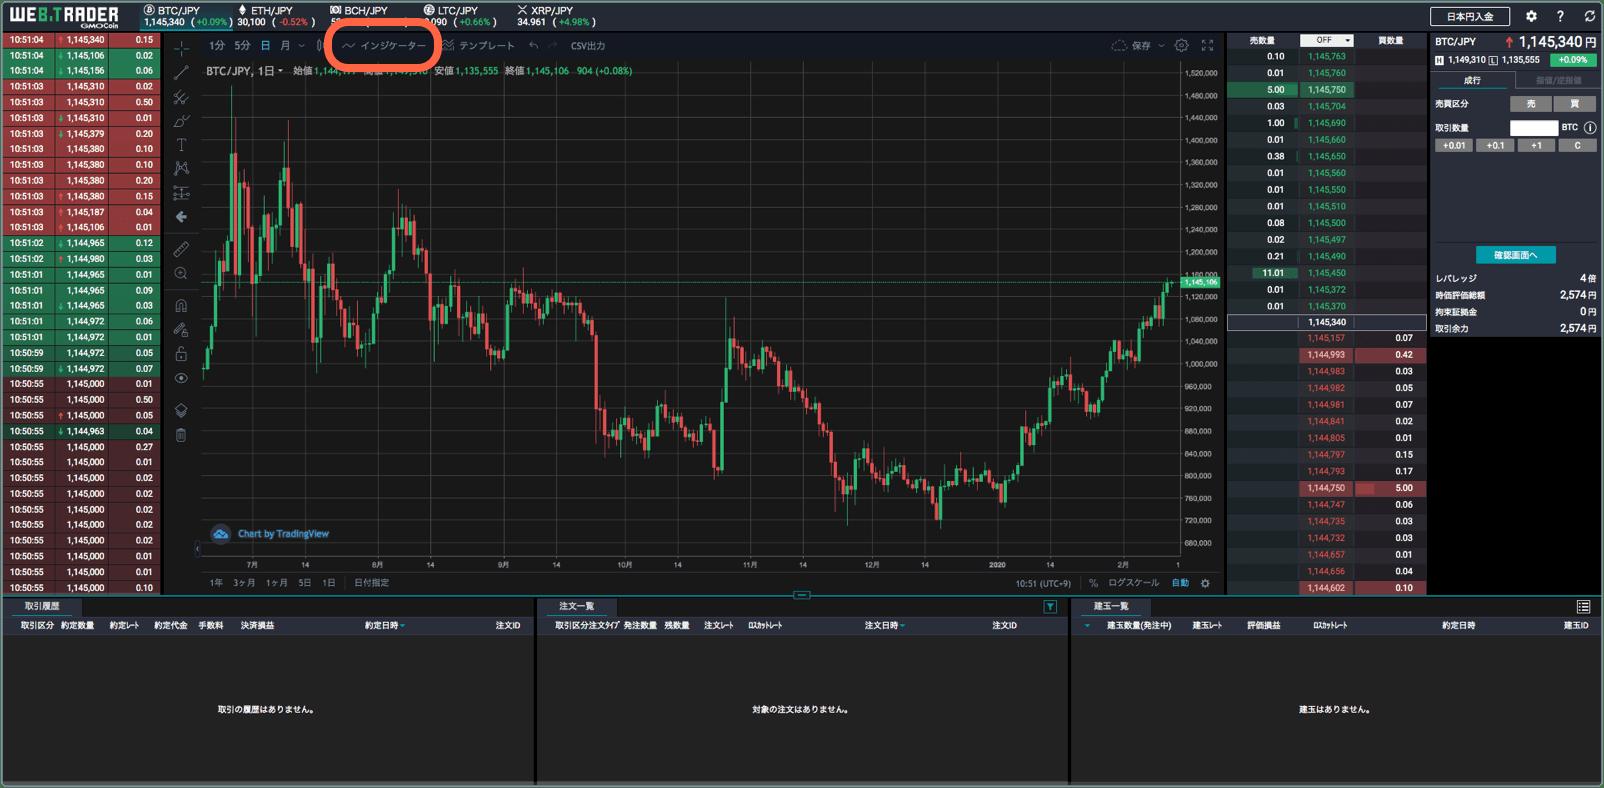 ビットコイン チャート 窓表示